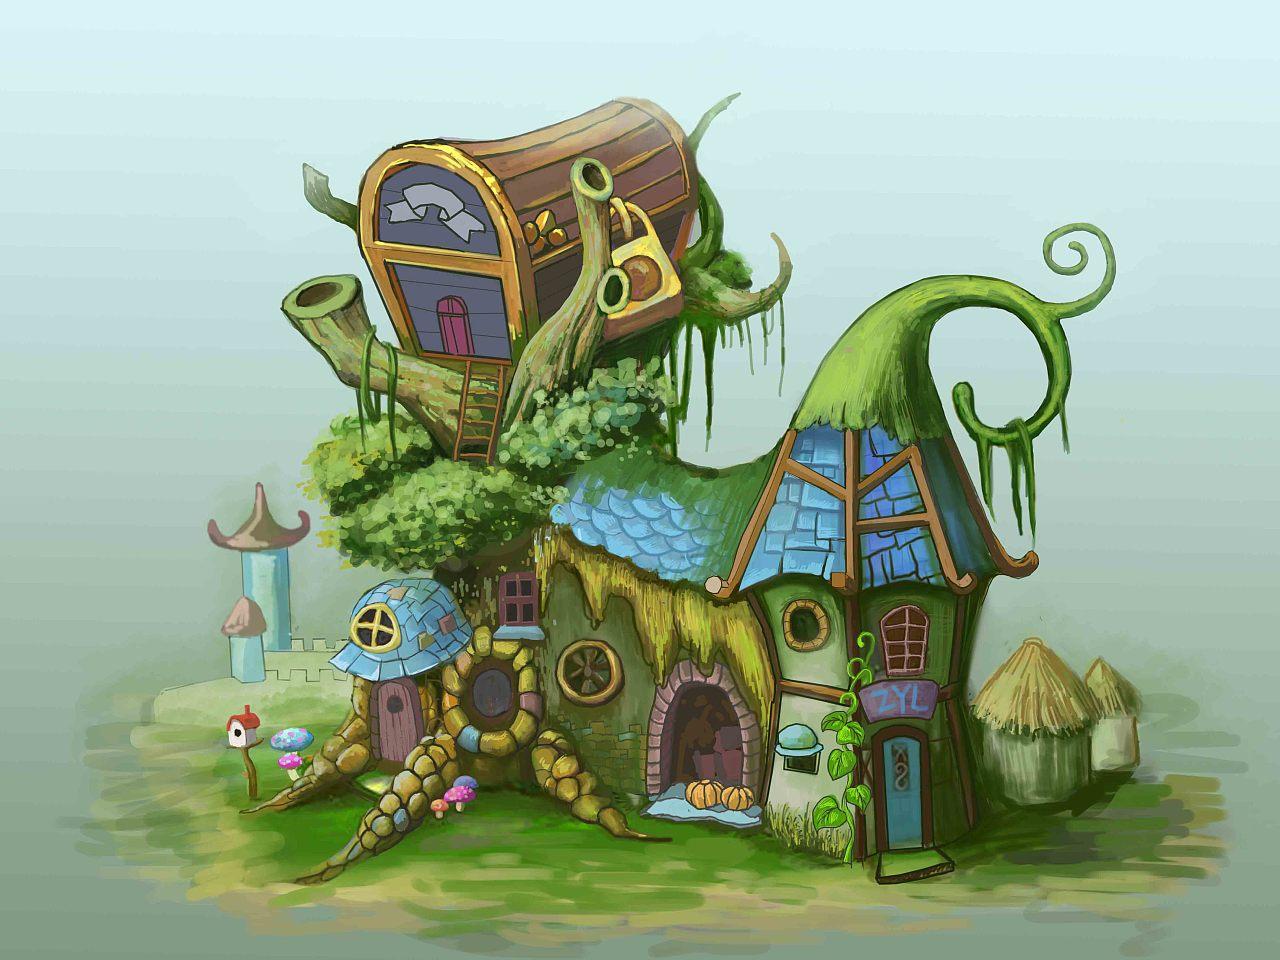 手绘插画,游戏场景设计师,道具绘画,cg手绘,美术平面设计